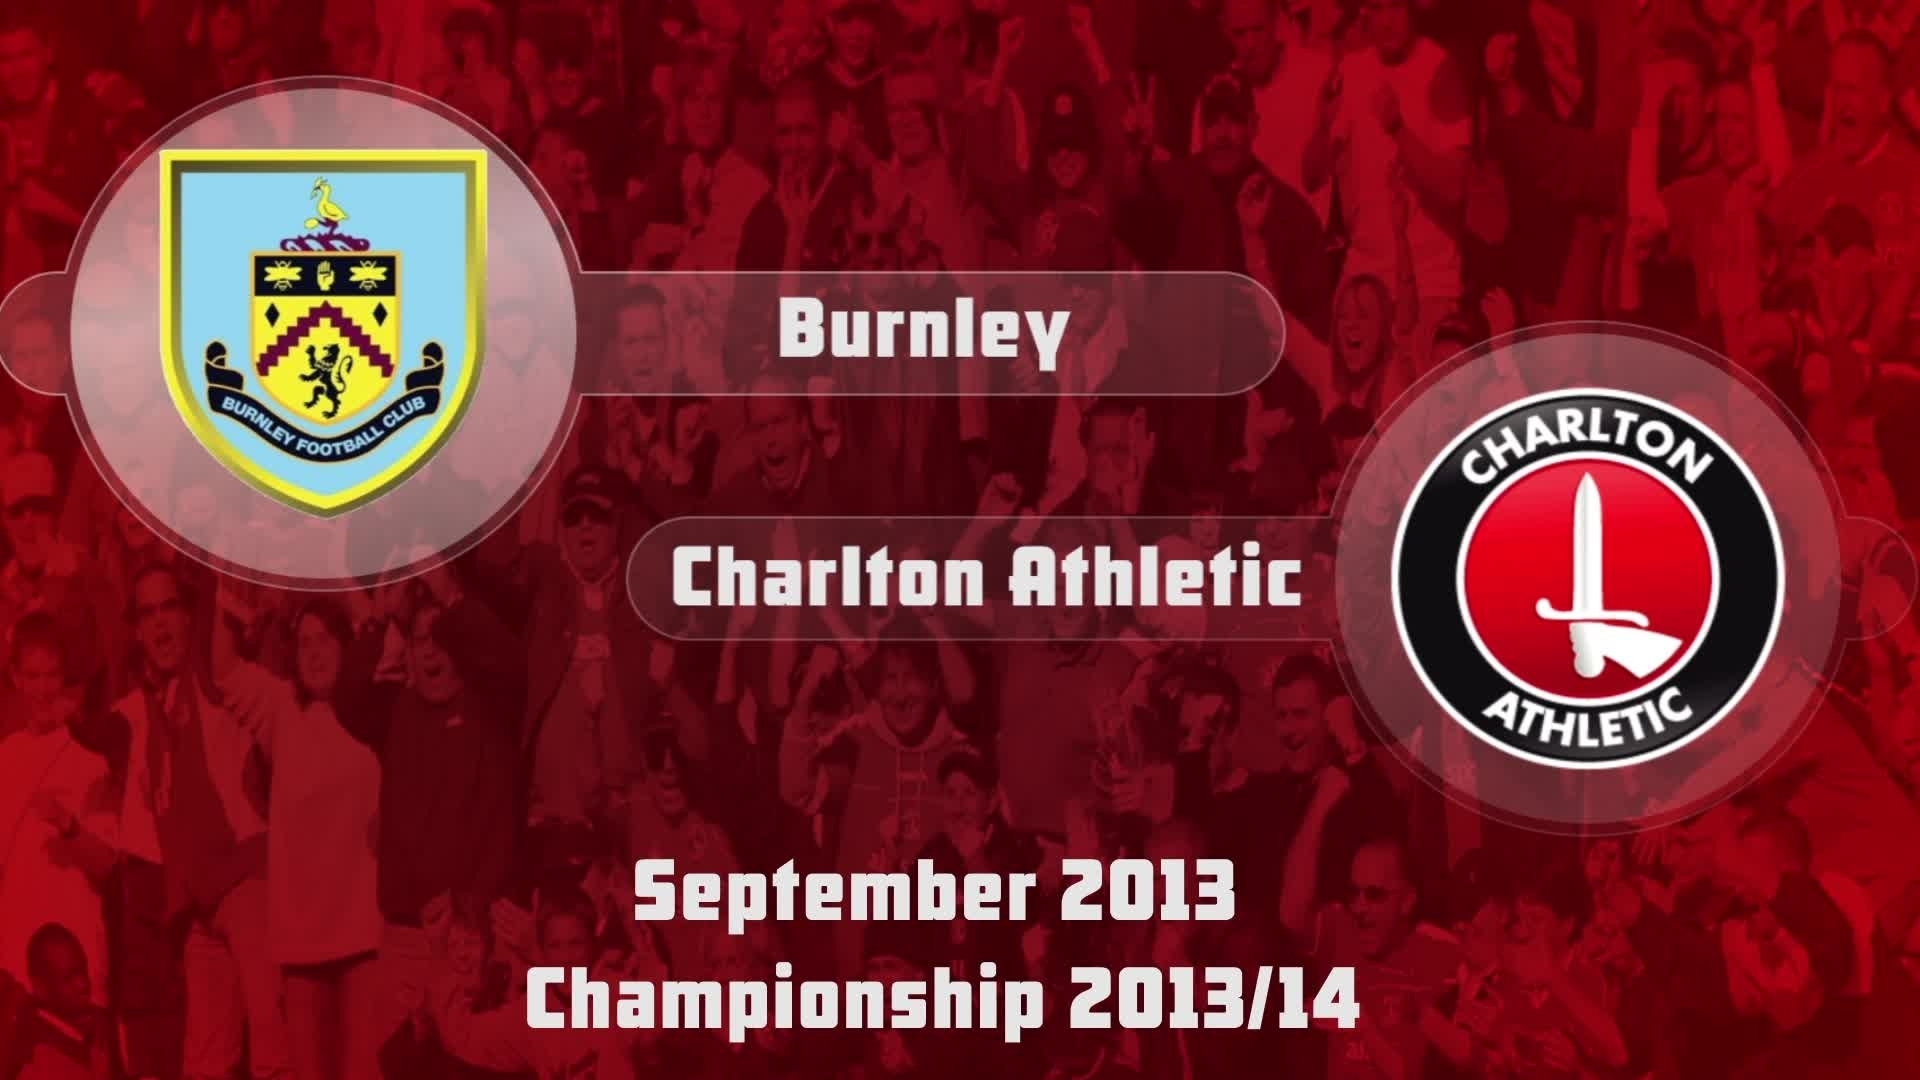 10 HIGHLIGHTS | Burnley 3 Charlton 0 (Sept 2013)